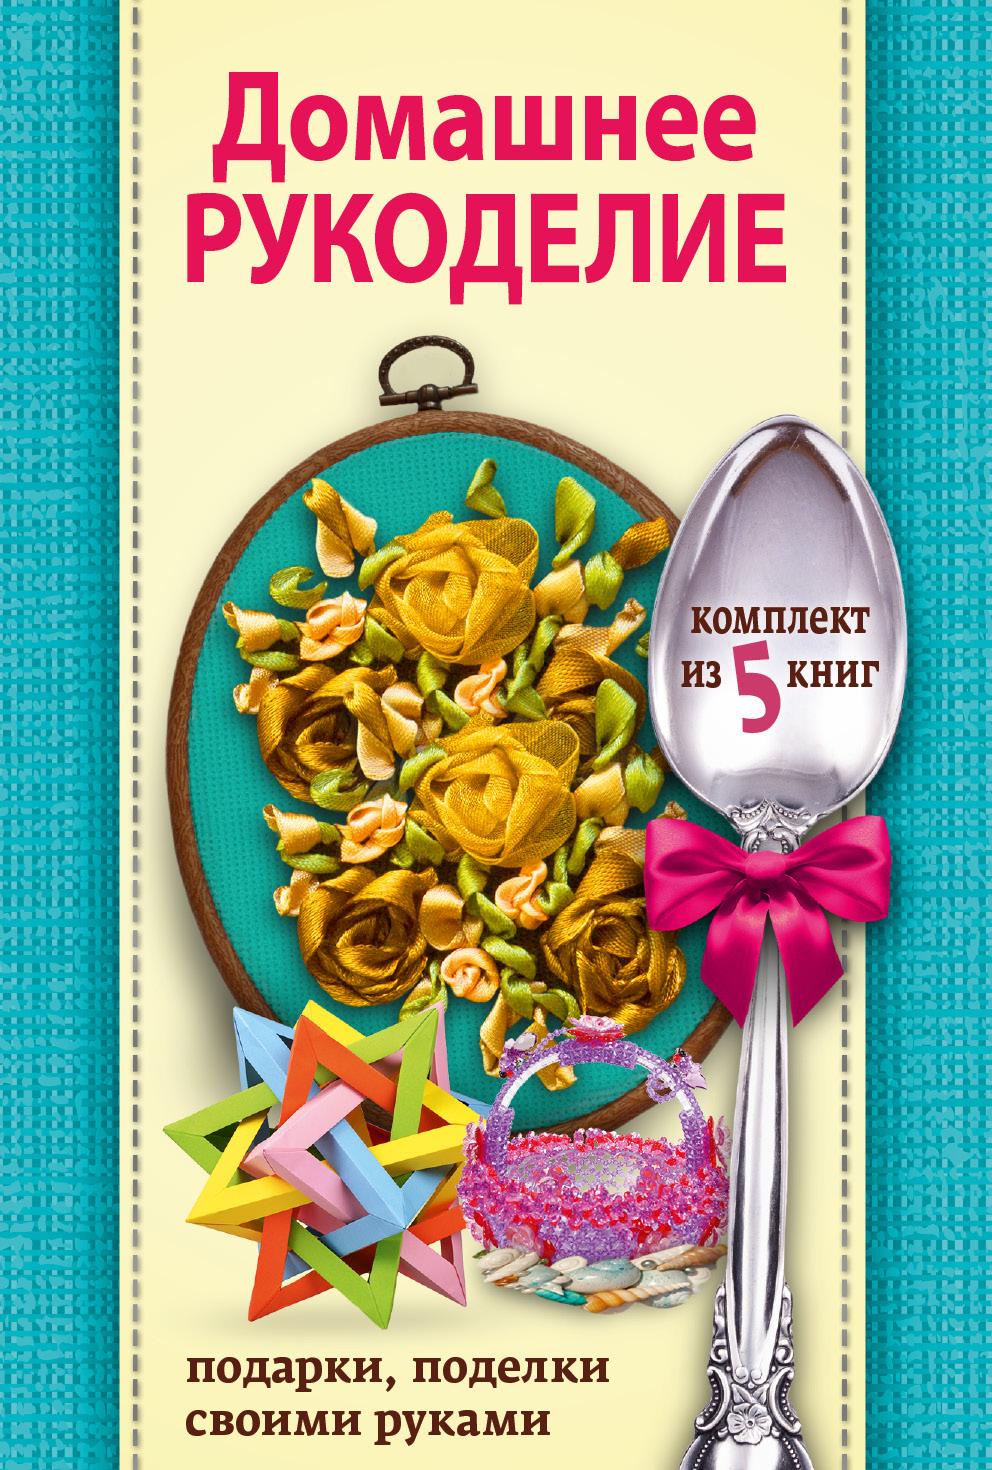 Домашнее рукоделие: подарки и поделки своими руками гирндт сюзанна разноцветные поделки из природных материалов